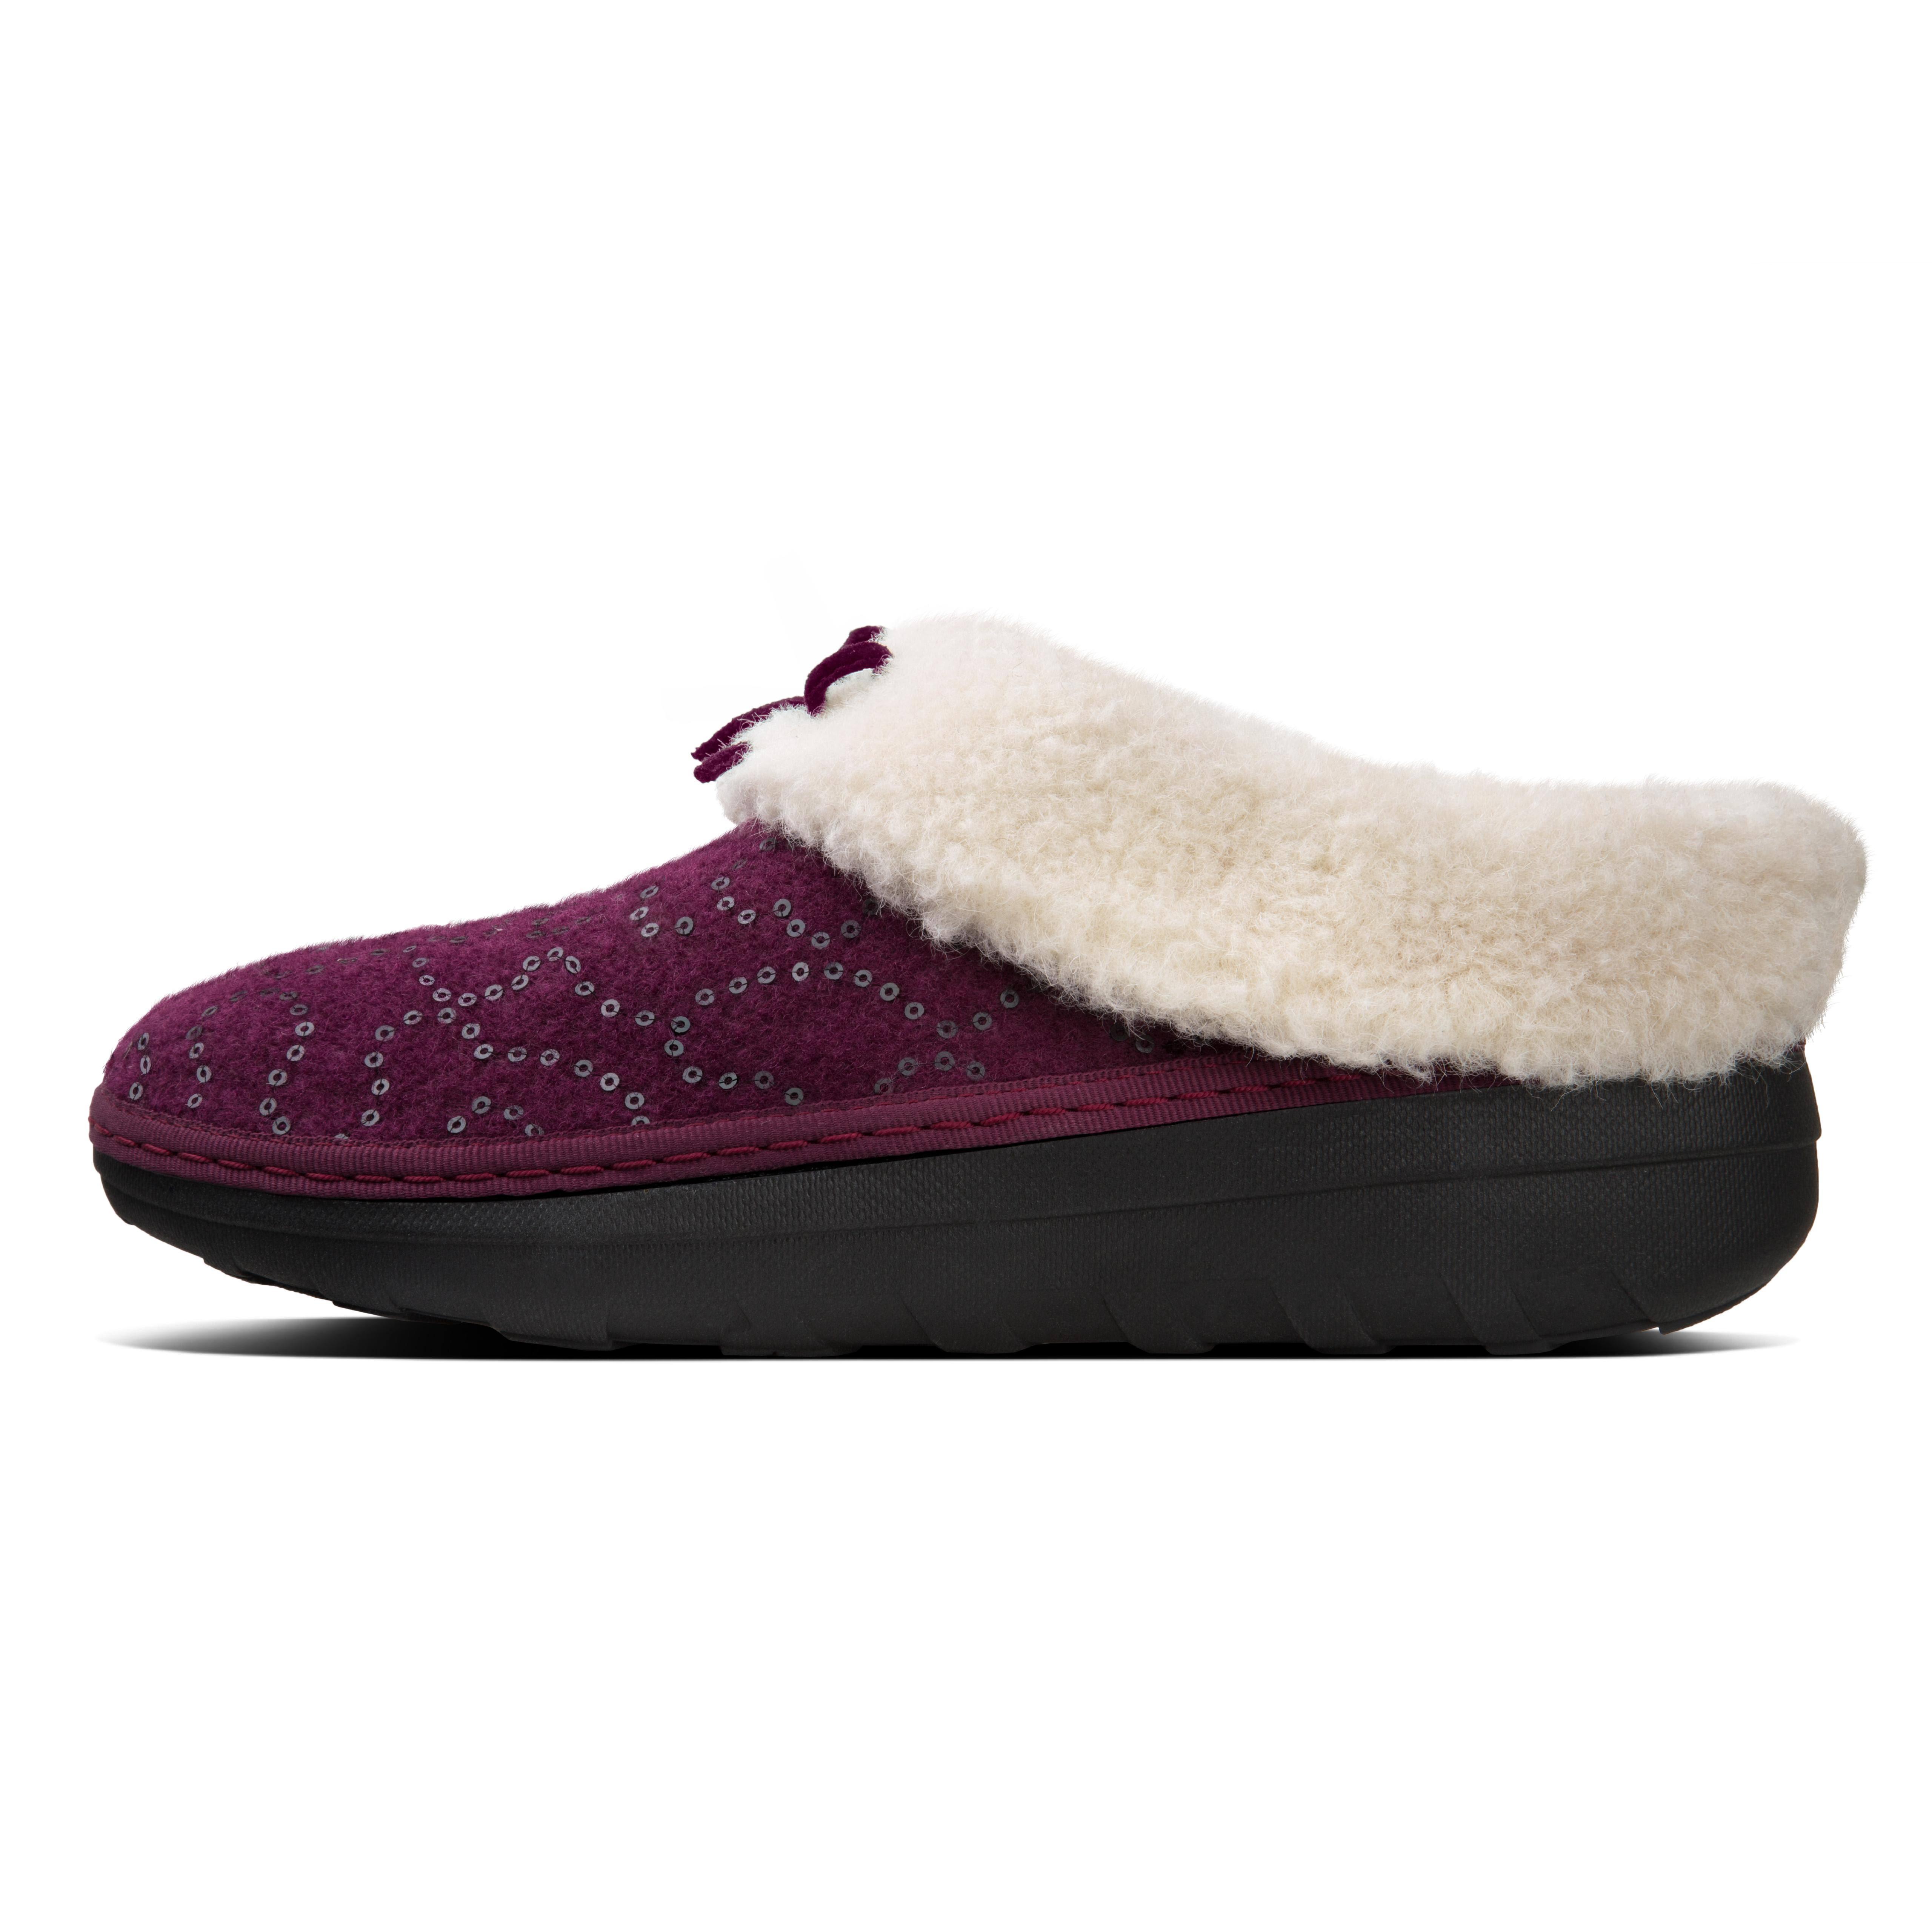 Deep Plum Sequin 7 Loaf Slipper Snug Dames Fitflop l3KFuTc1J